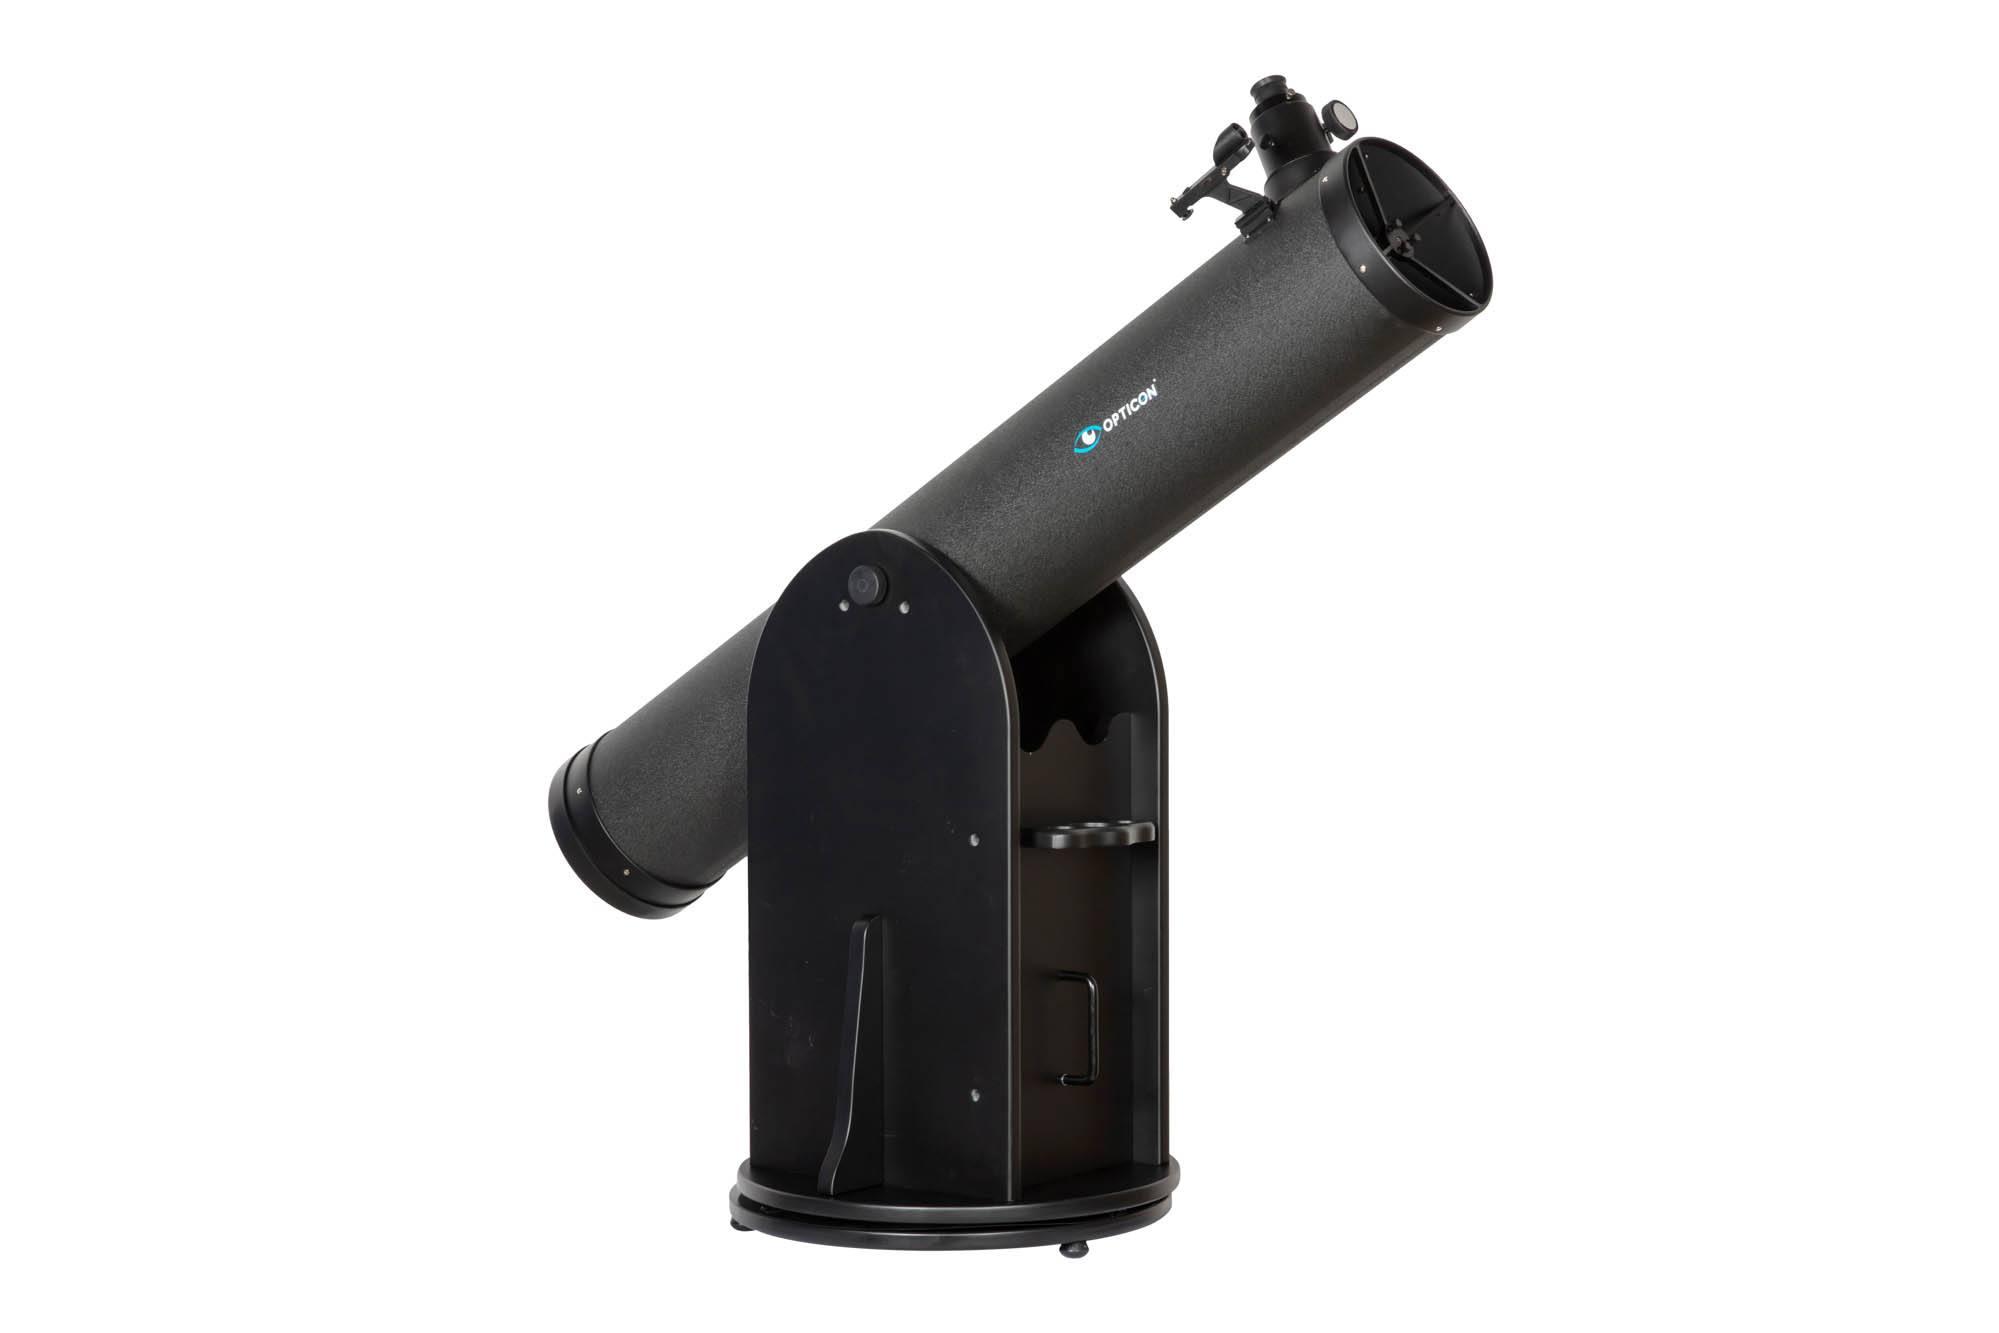 teleskop zwierciadlany od marki opticon_orbiter